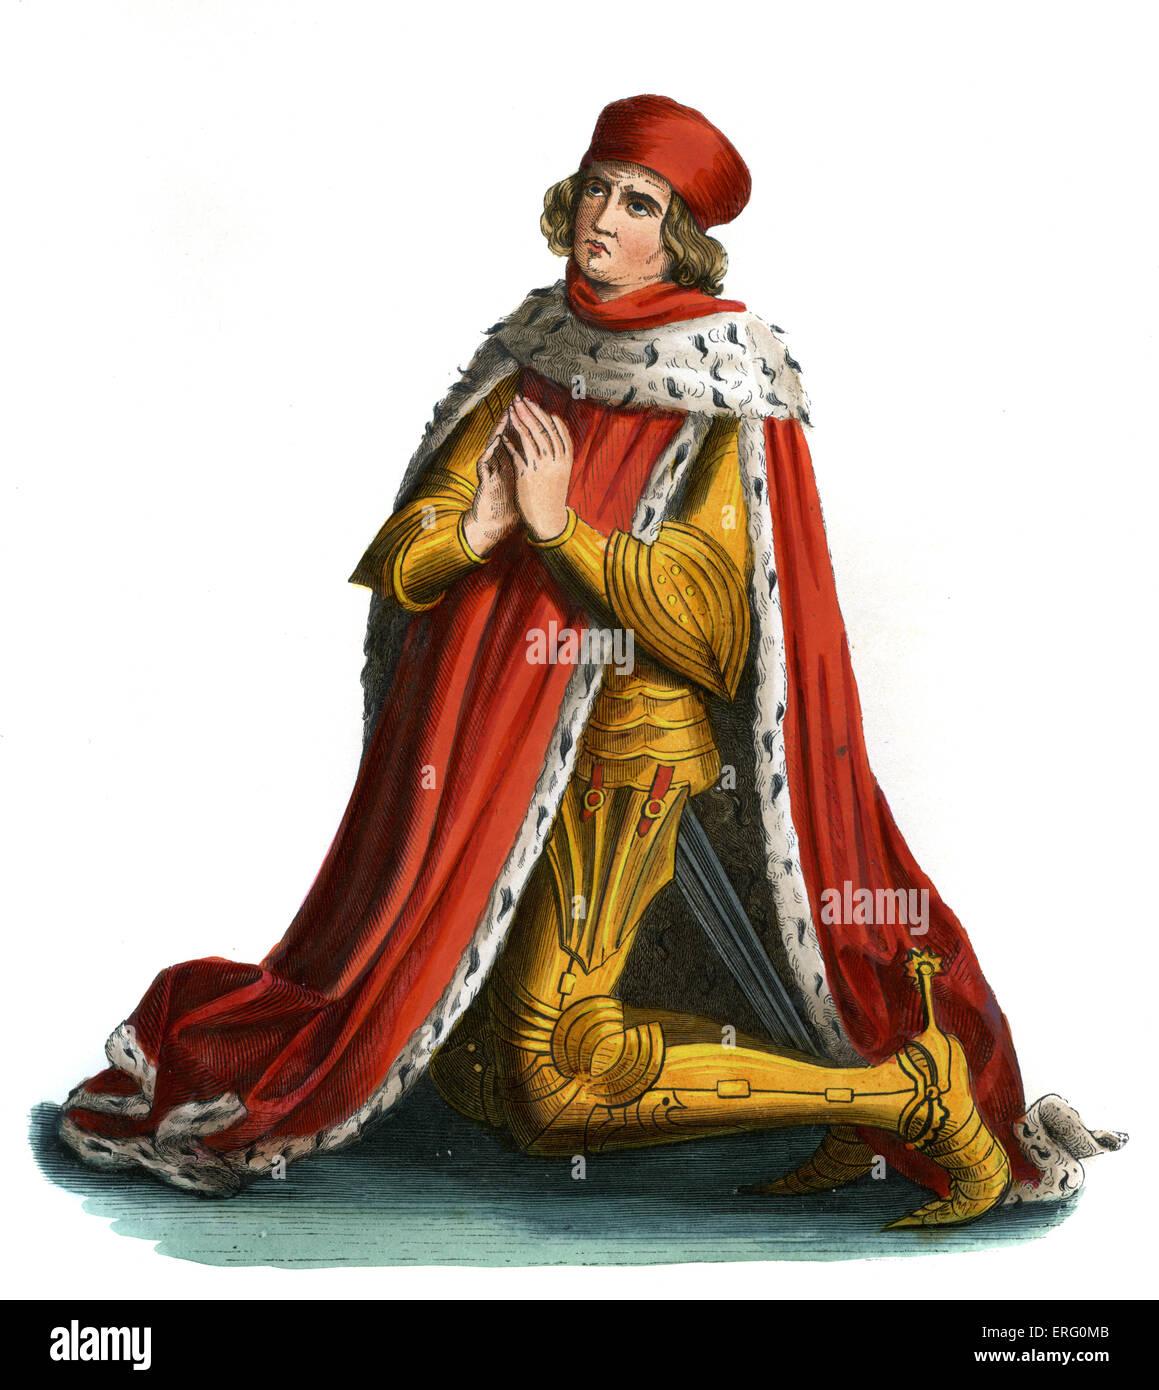 Albert III (Achille) oder Albrecht, Herrscher des Landes Brandenburg im 15. Jahrhundert.  Kurfürst von der Stockbild